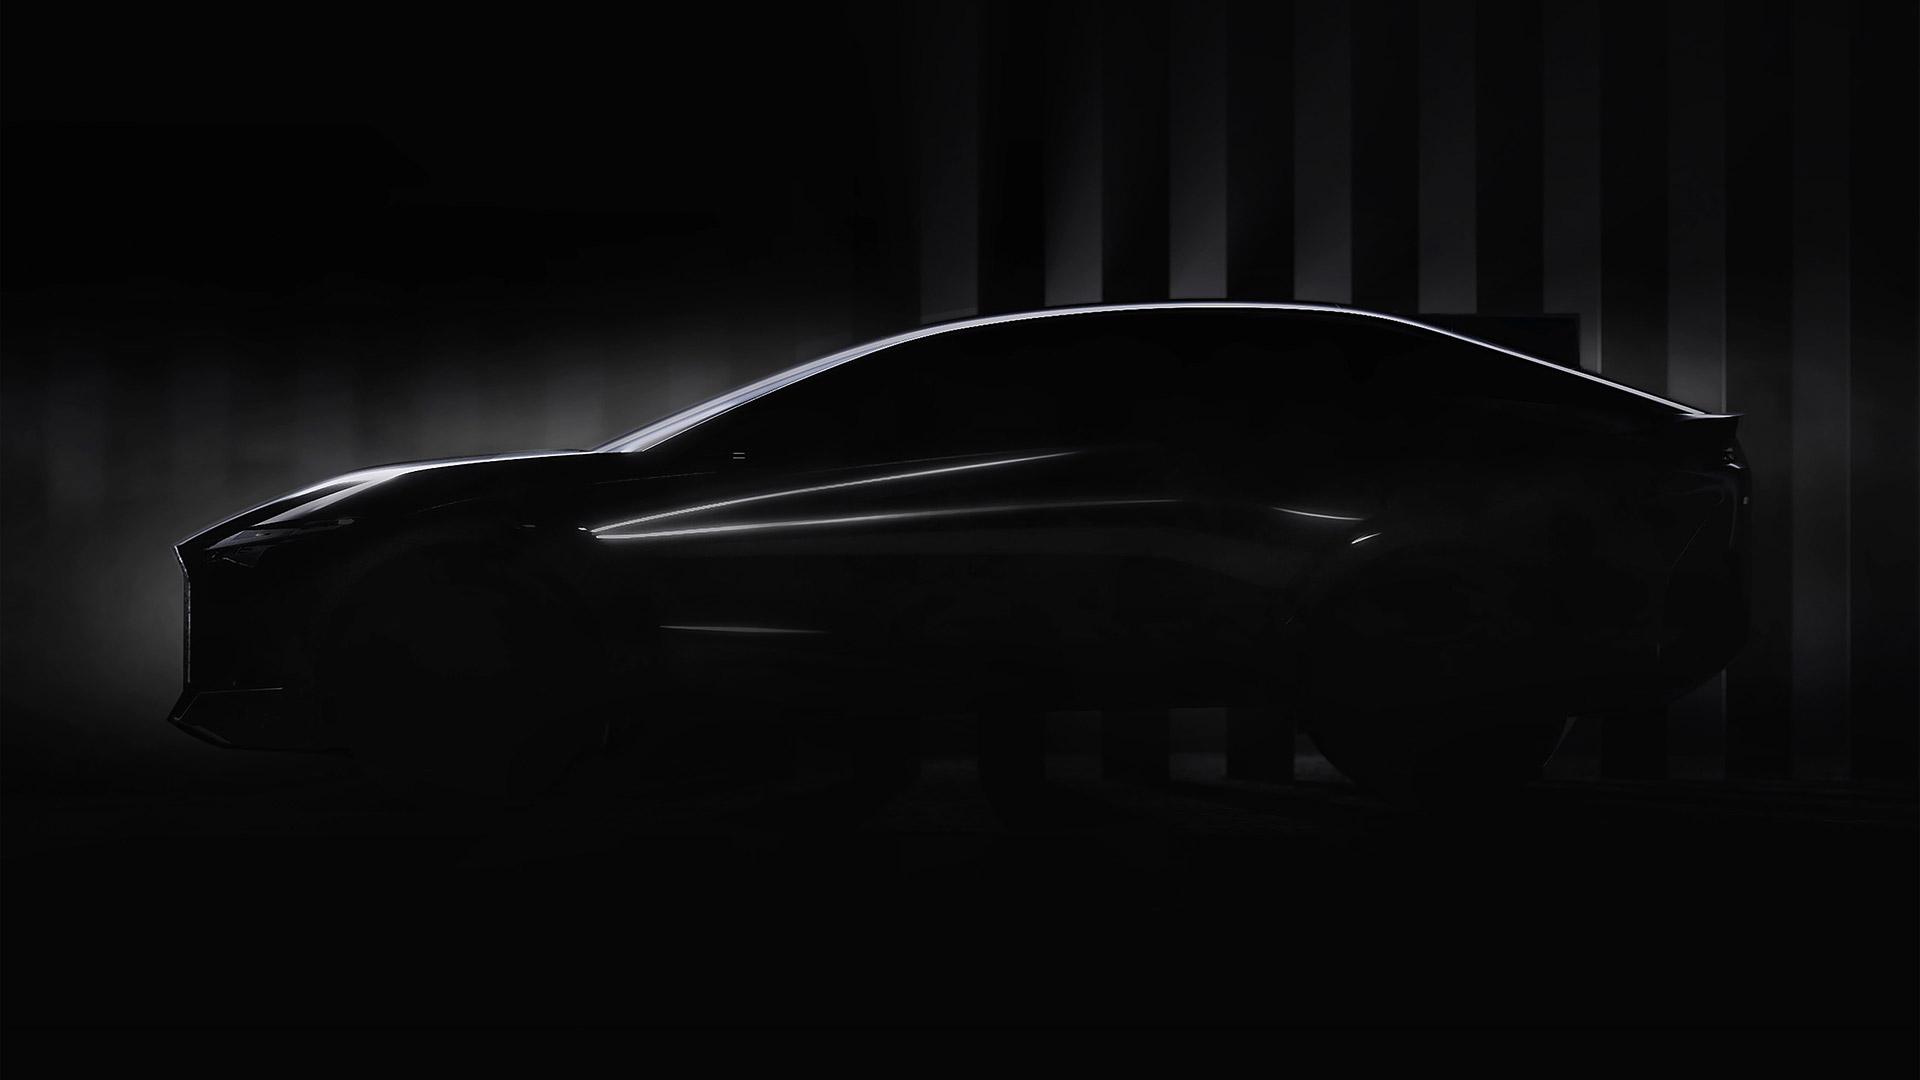 2021 010 Nieuwe conceptcar voorproefje toekomstige modellen hero